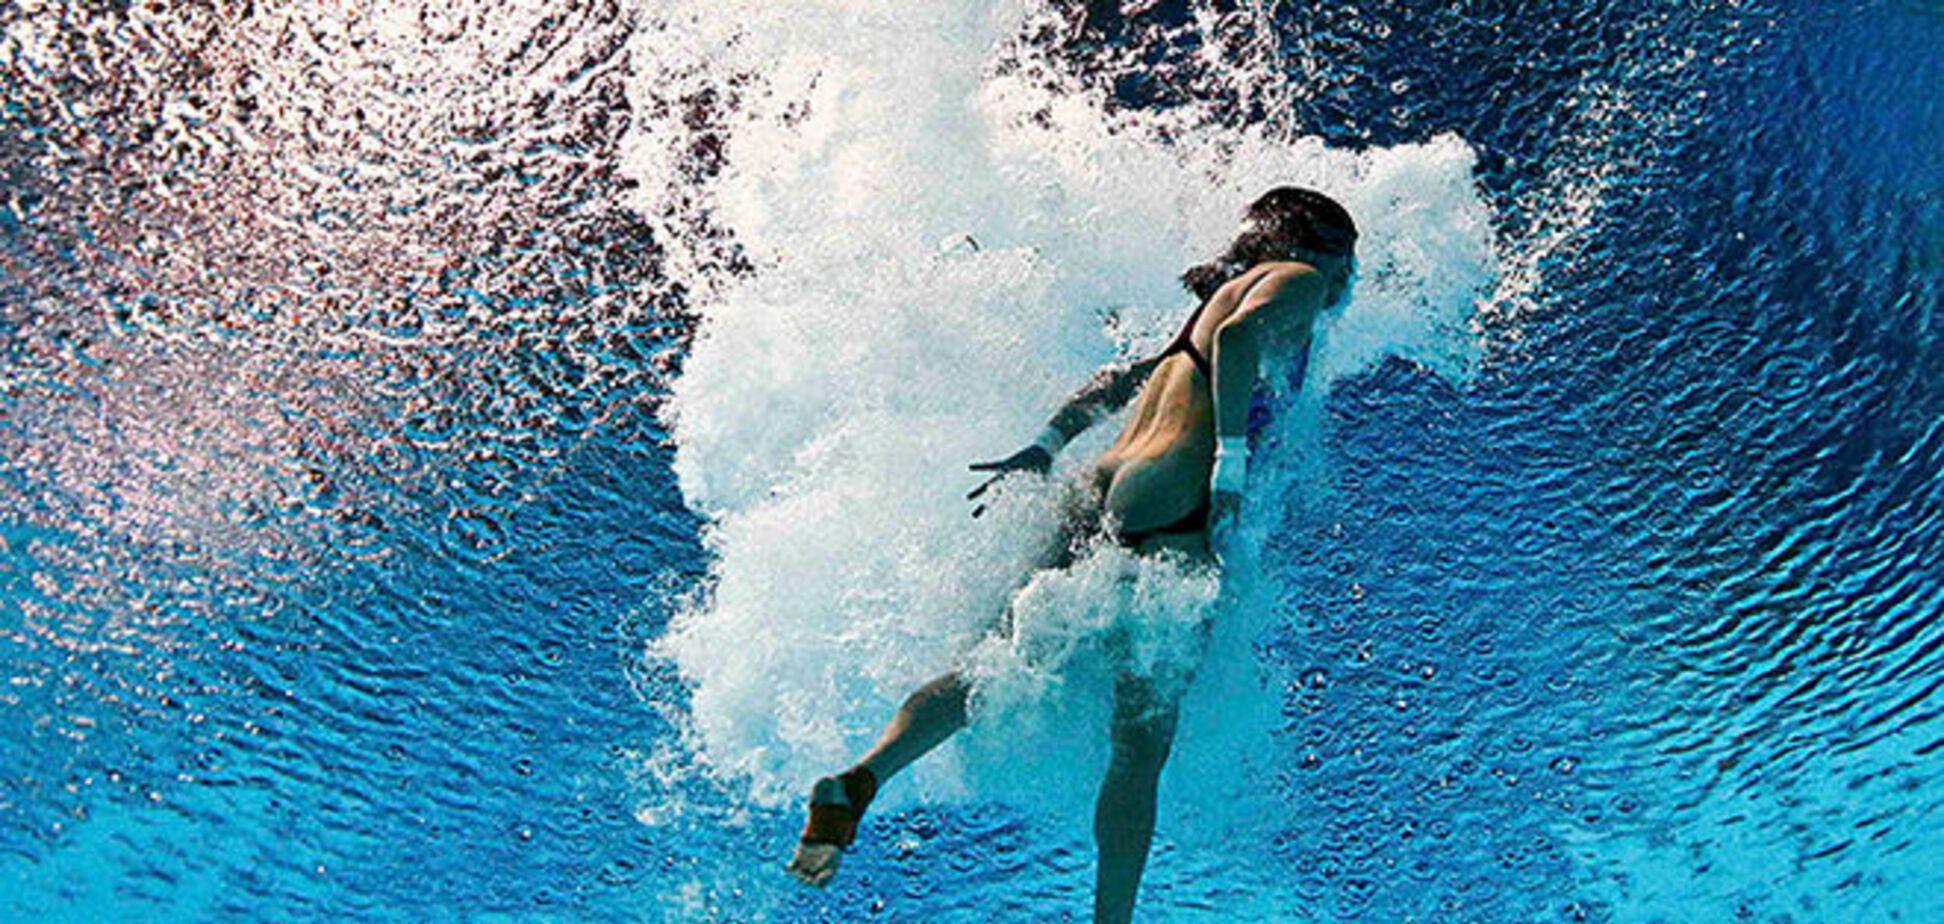 Гола попа чотирикратної олімпійської чемпіонки підірвала інтернет